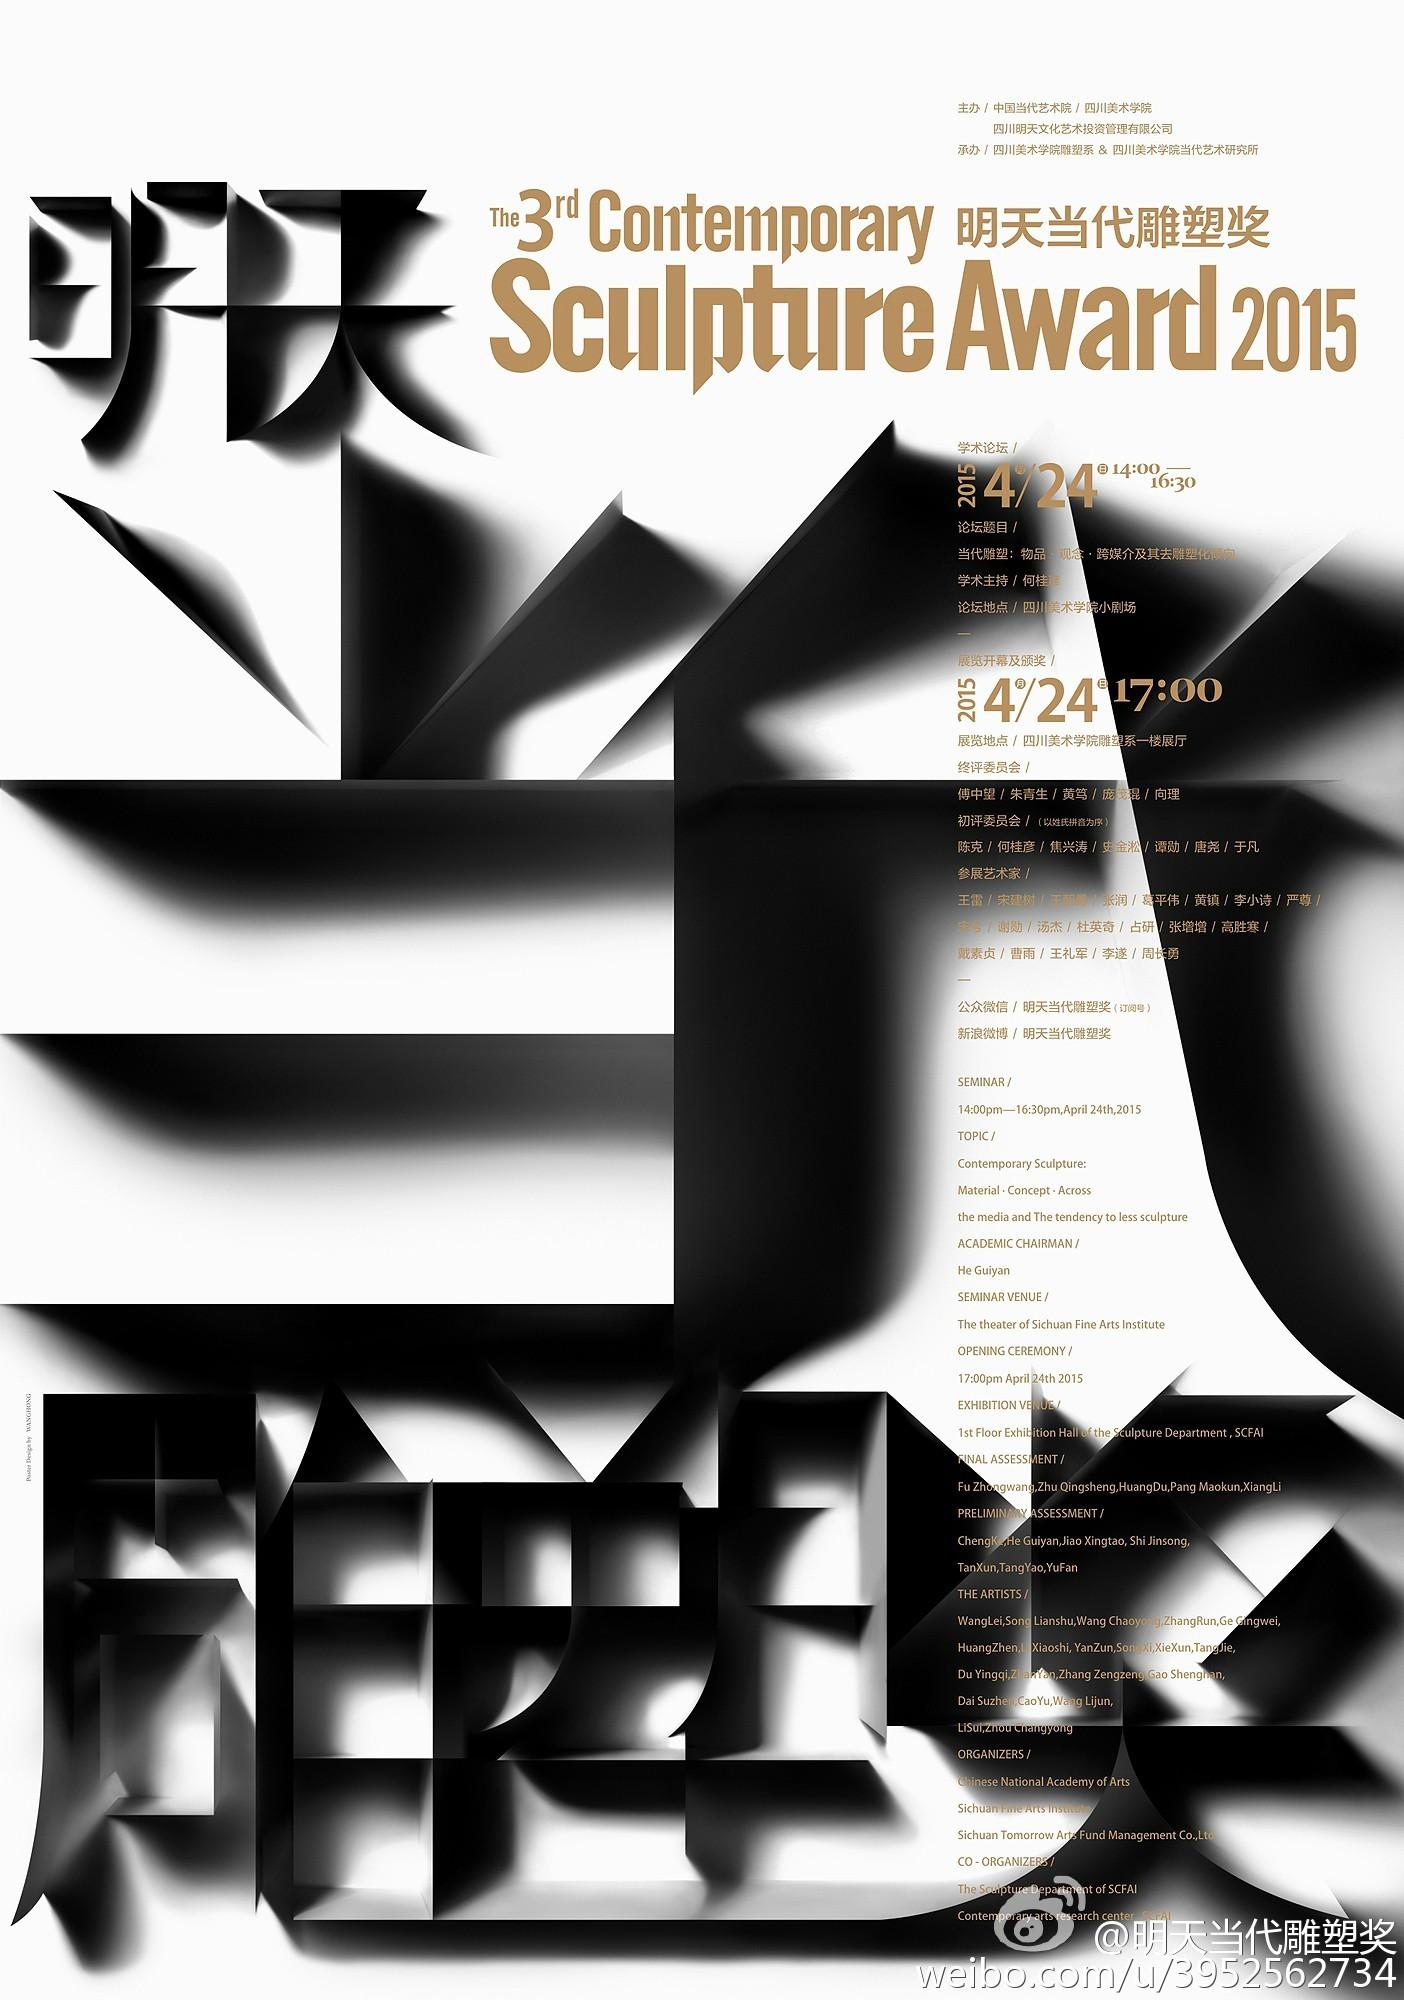 第三届明天当代雕塑奖入围暨获奖作品展